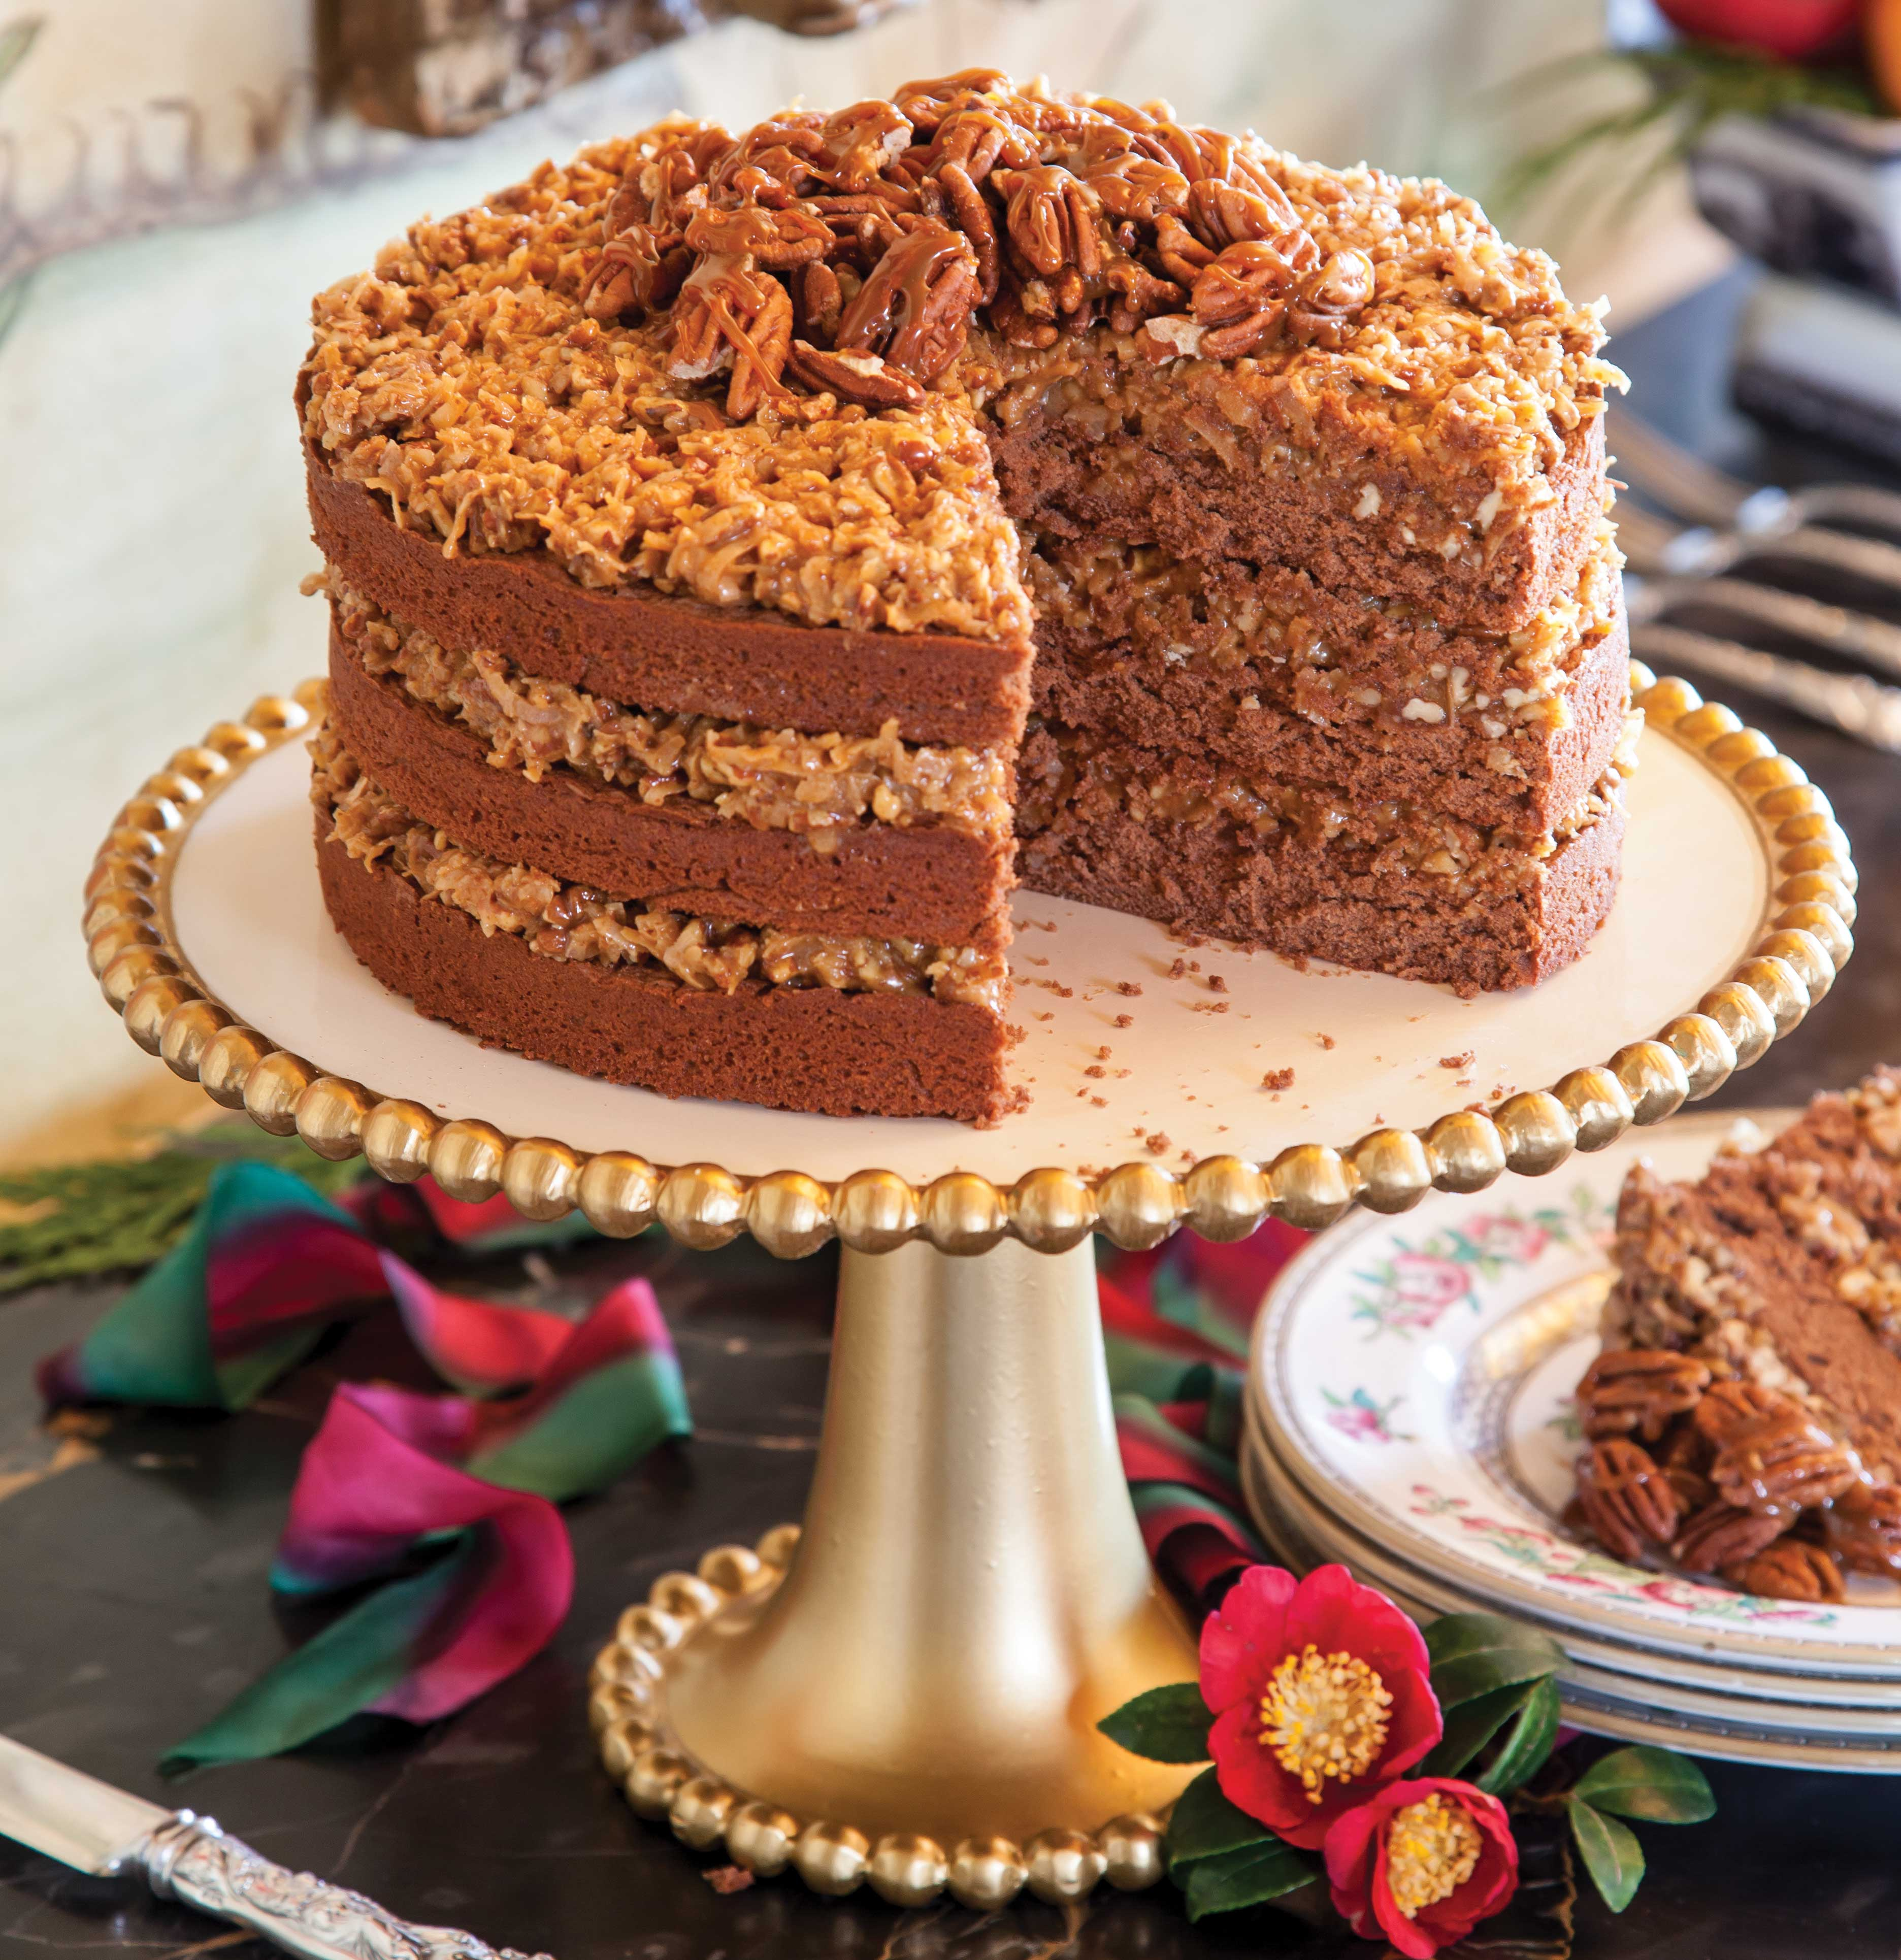 Рецепты самых вкусных тортов мира 2021